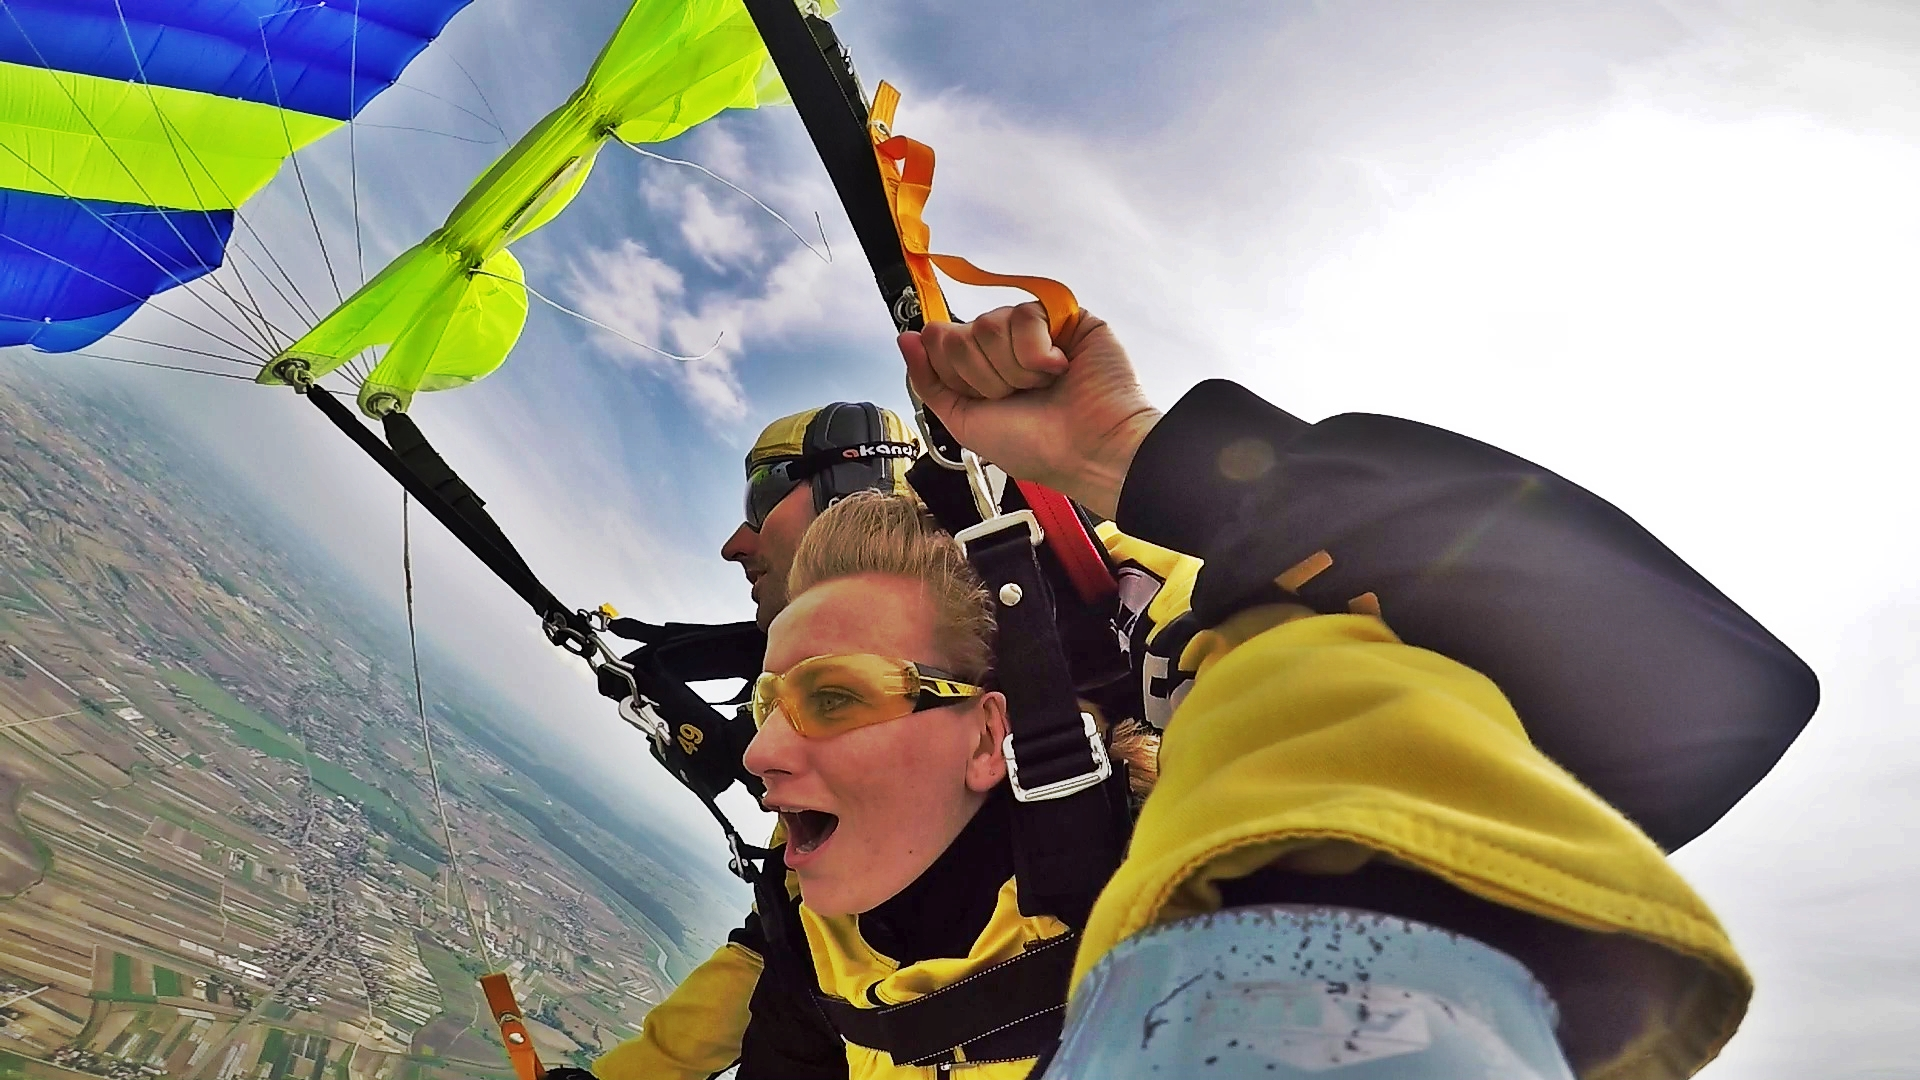 skoki spadochronowe kraków kraksy 16